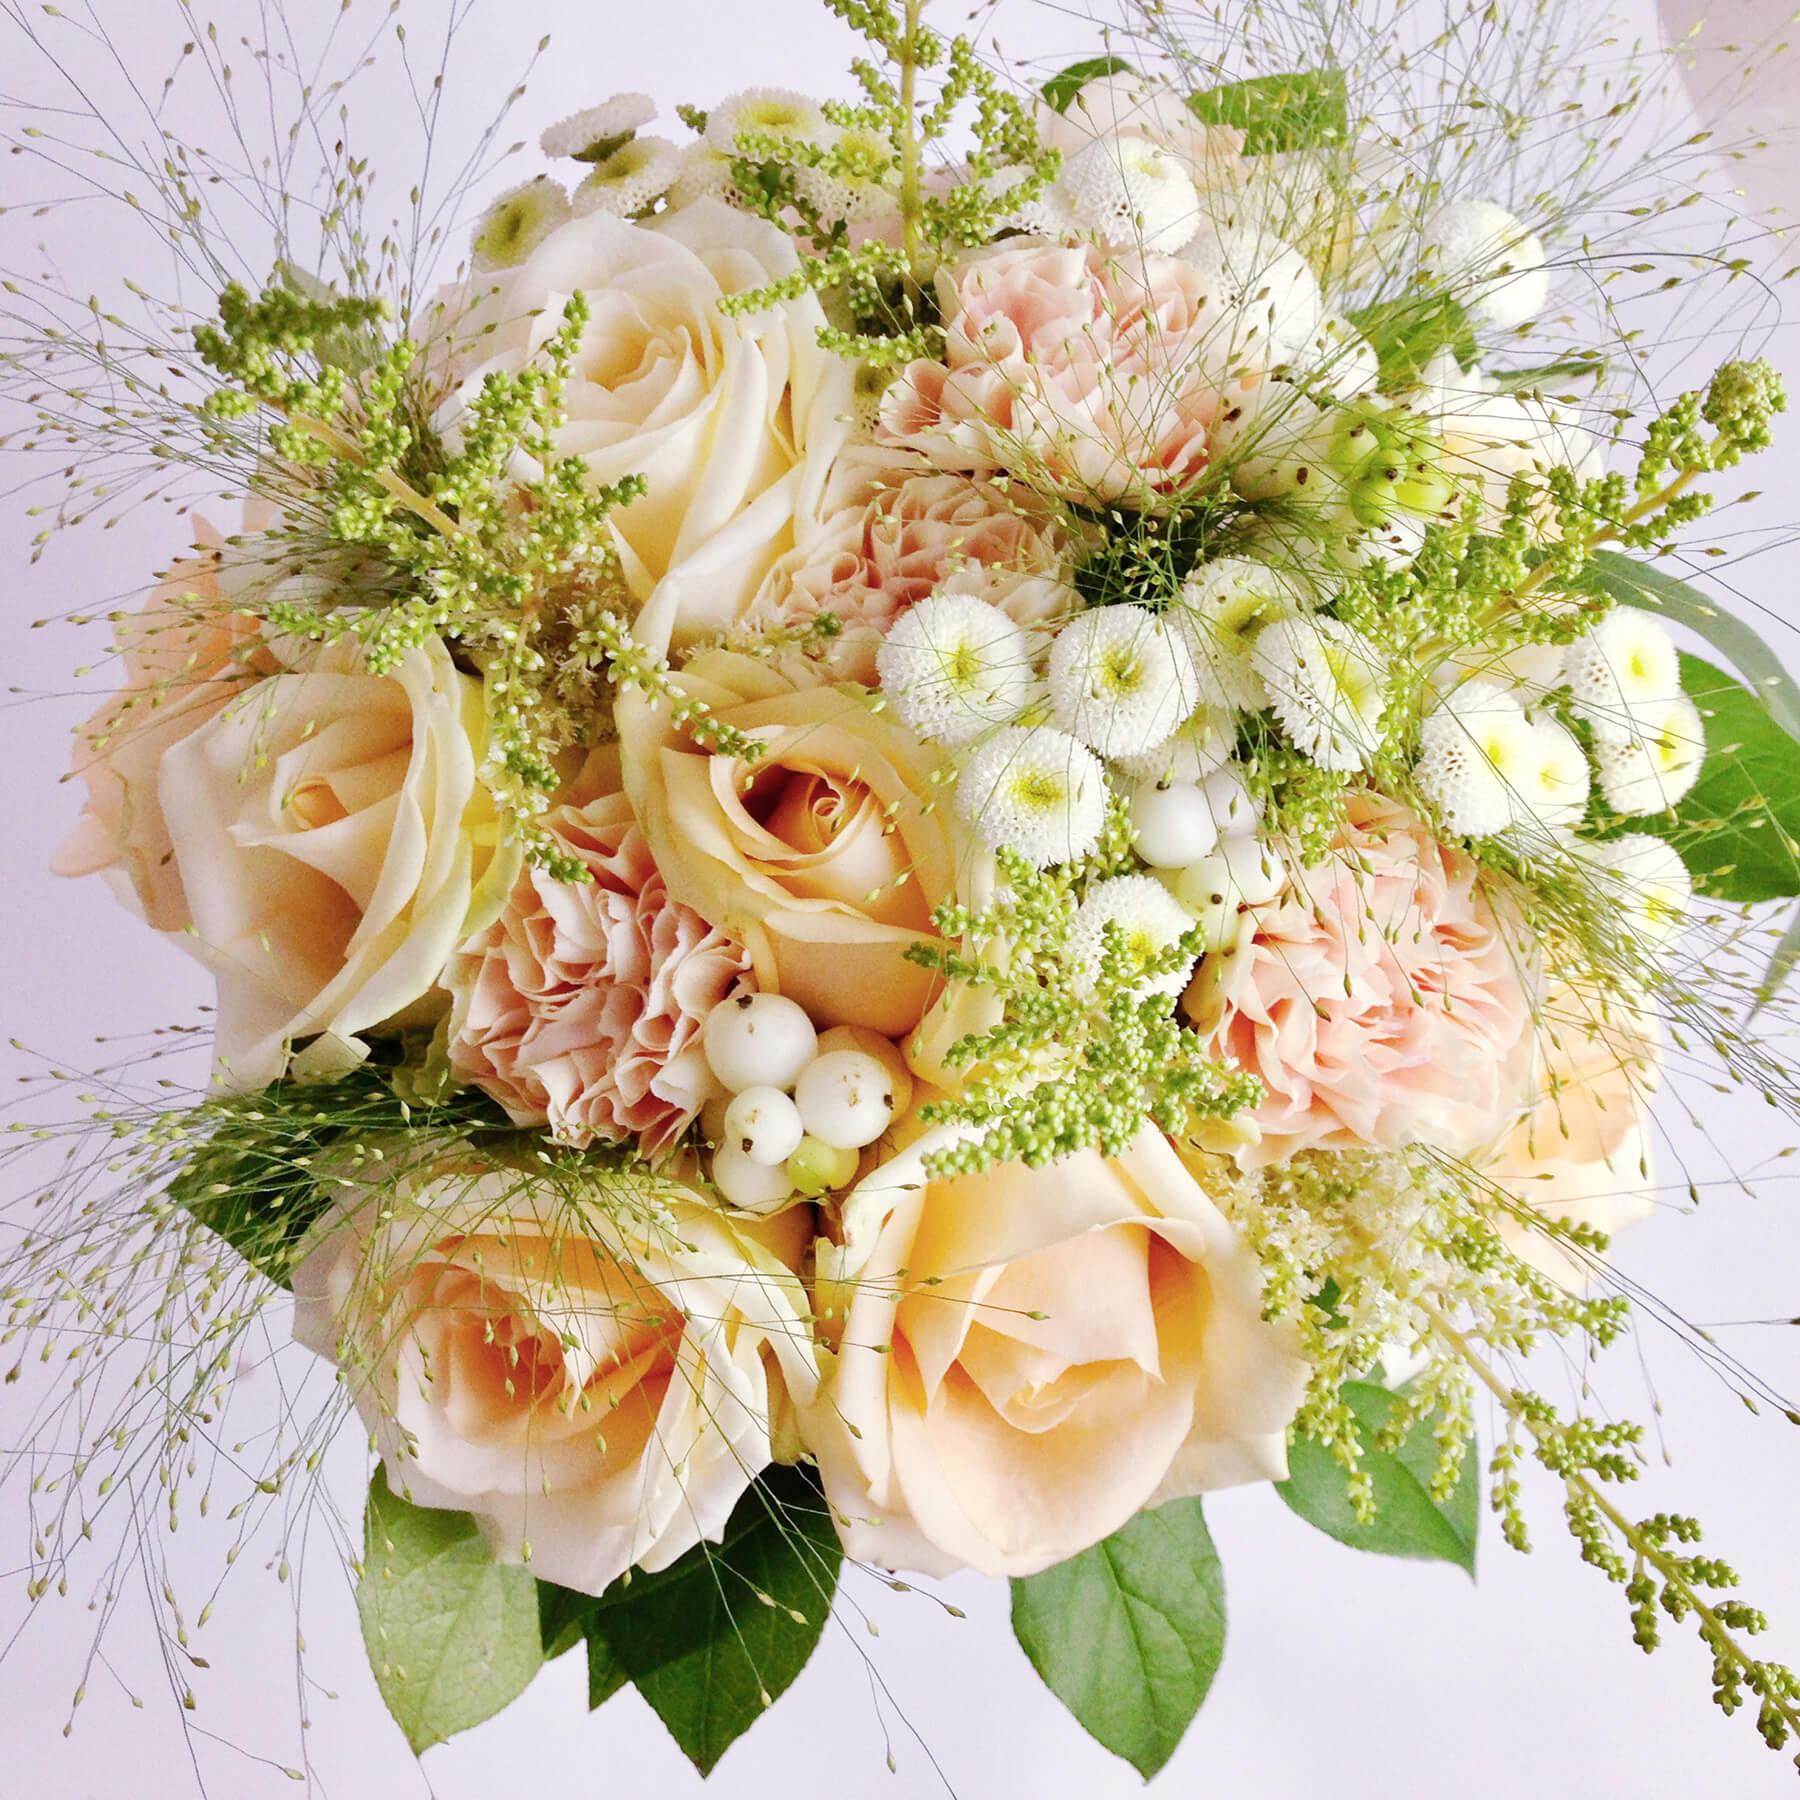 Rundbunden brudbukett i ljust aprikos och vitt. Floristen har använt sig av rosor, nejlikor, tanacetum, astilbe, fontängräs mm.